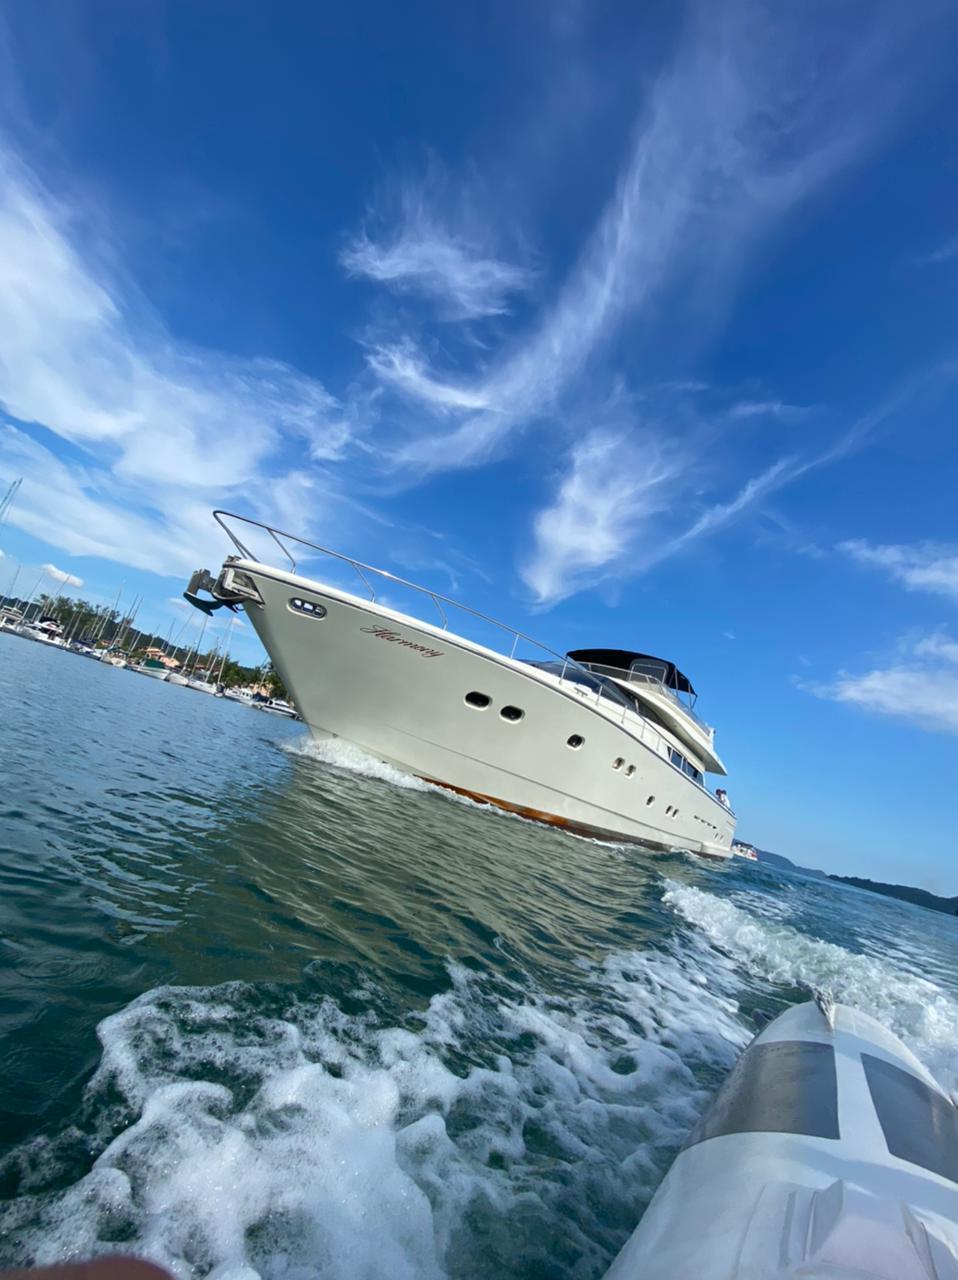 Embarcação com 80 pés deve chegar ainda neste mês de março em BC - Arquivo Pessoal/Divulgação